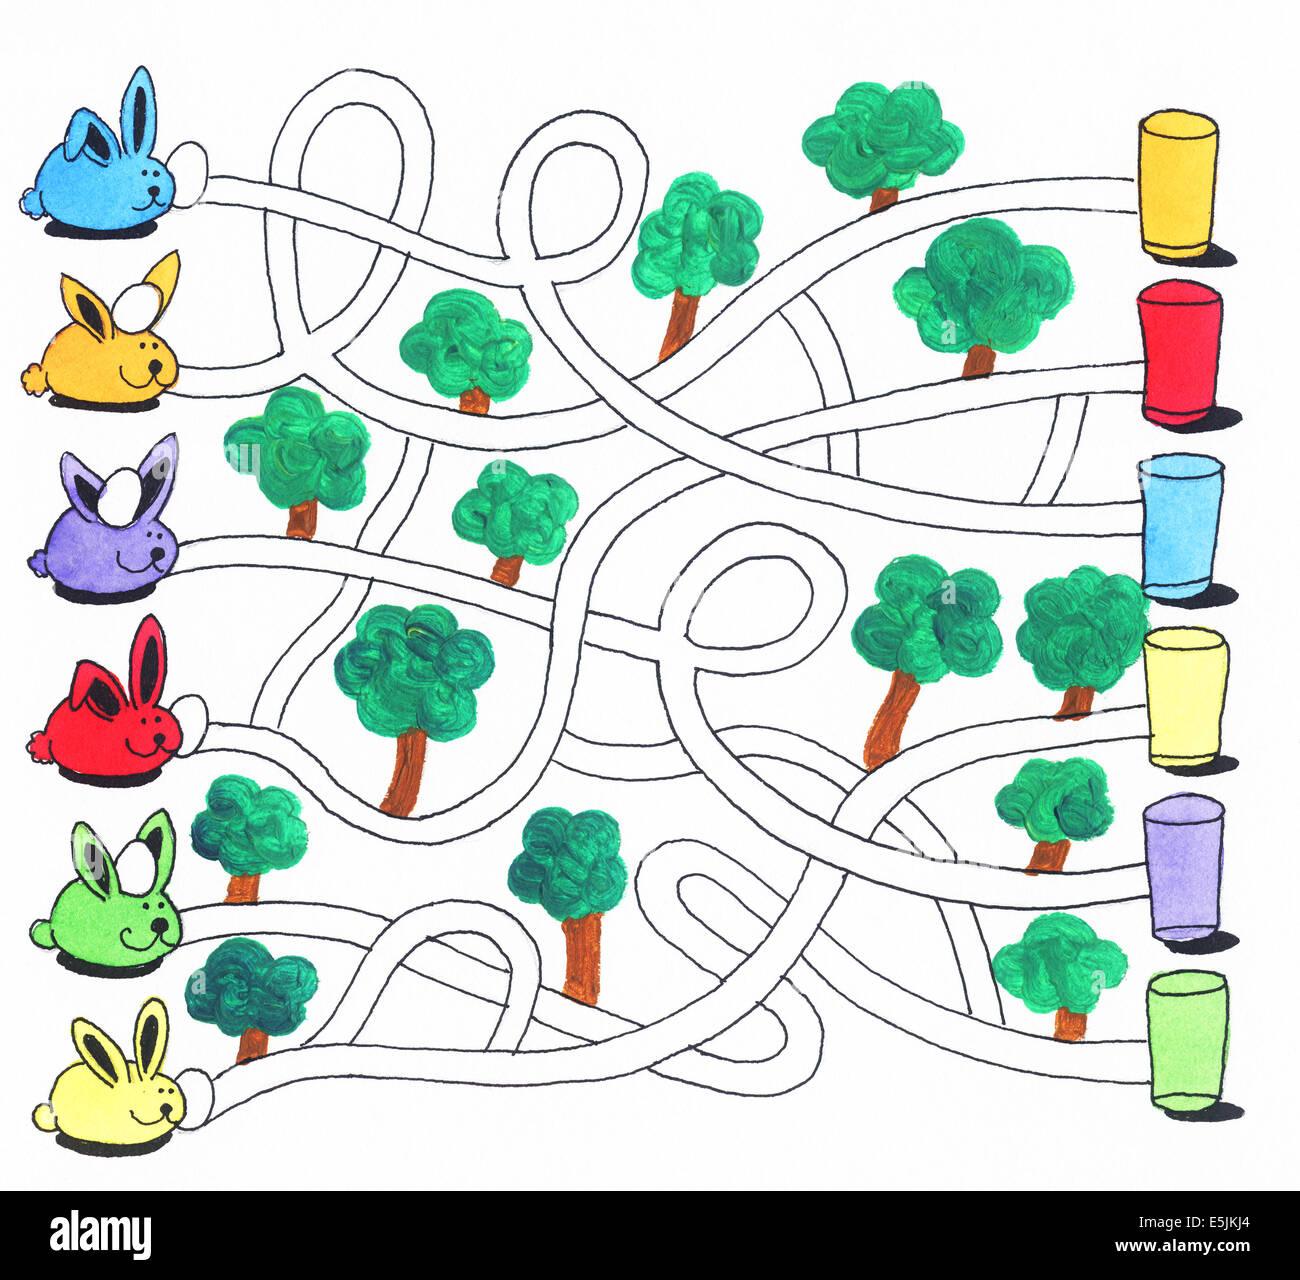 Acryl Illustration Ostern Labyrinth Spiel Oder Aktivitat Seite Fur Kinder Hasen Und Eiern